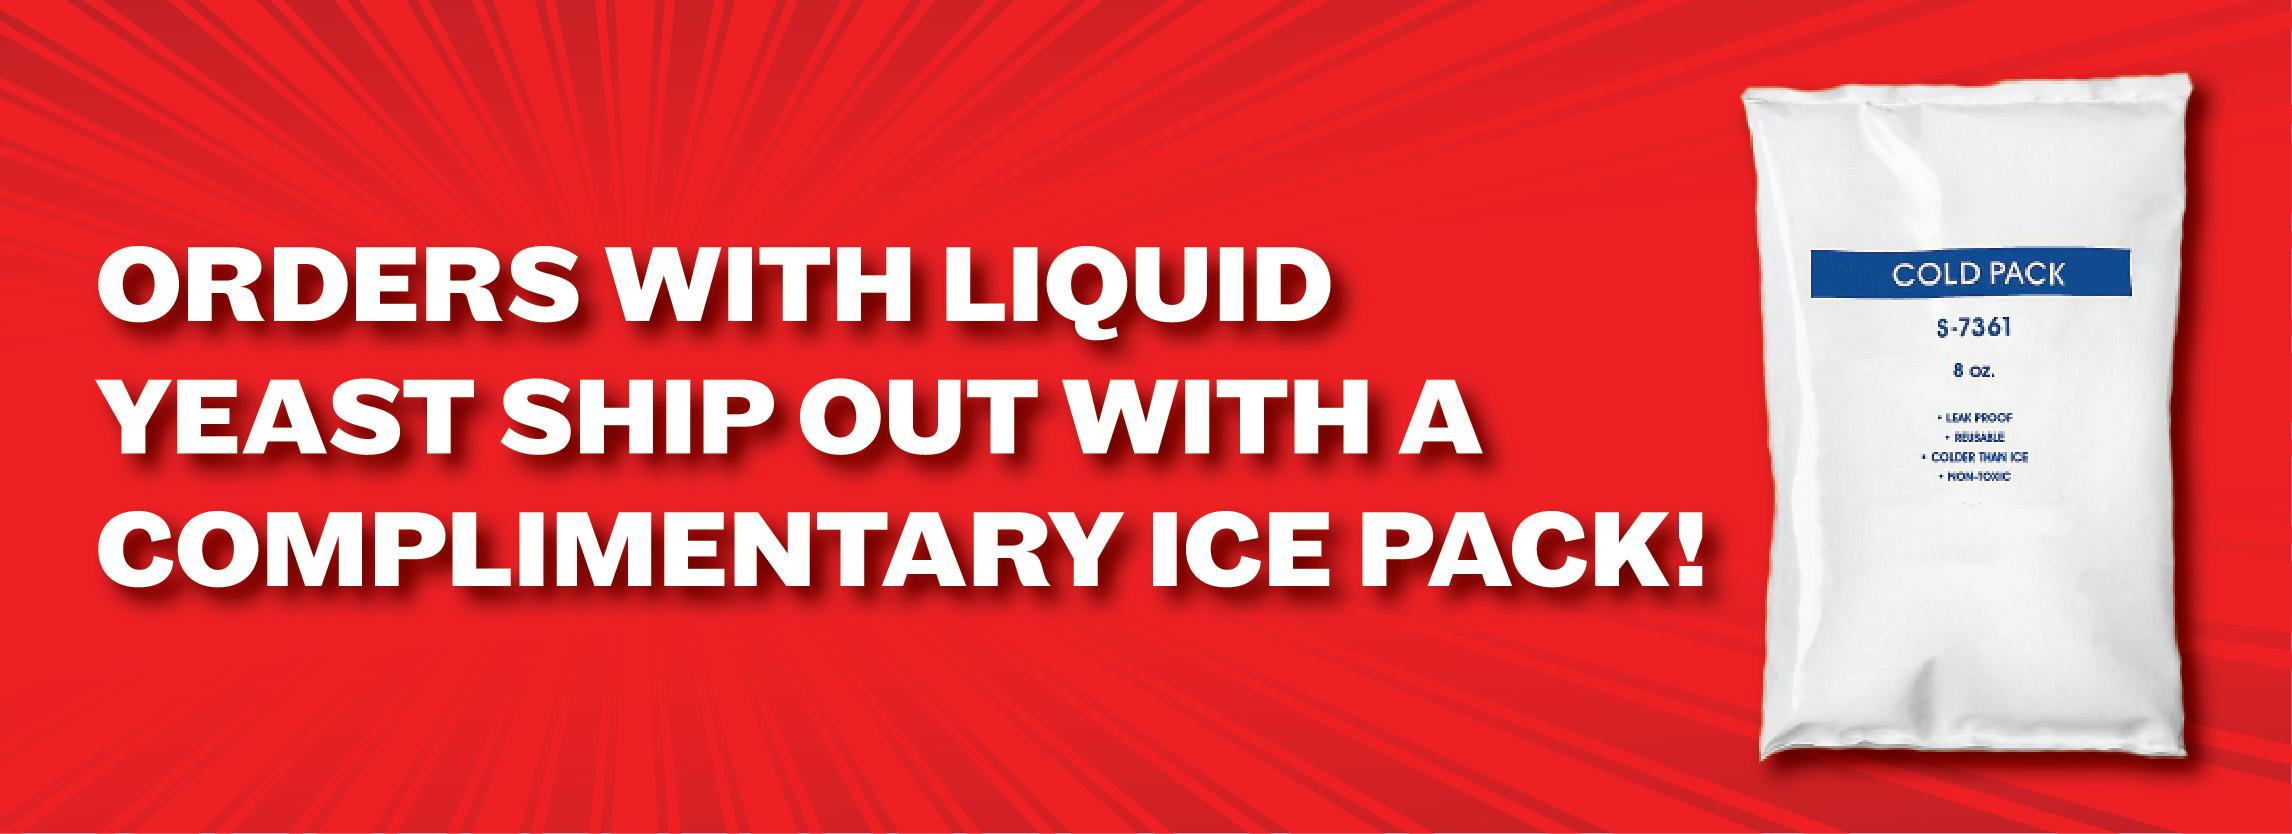 ice-pack-banner-jpg.jpg